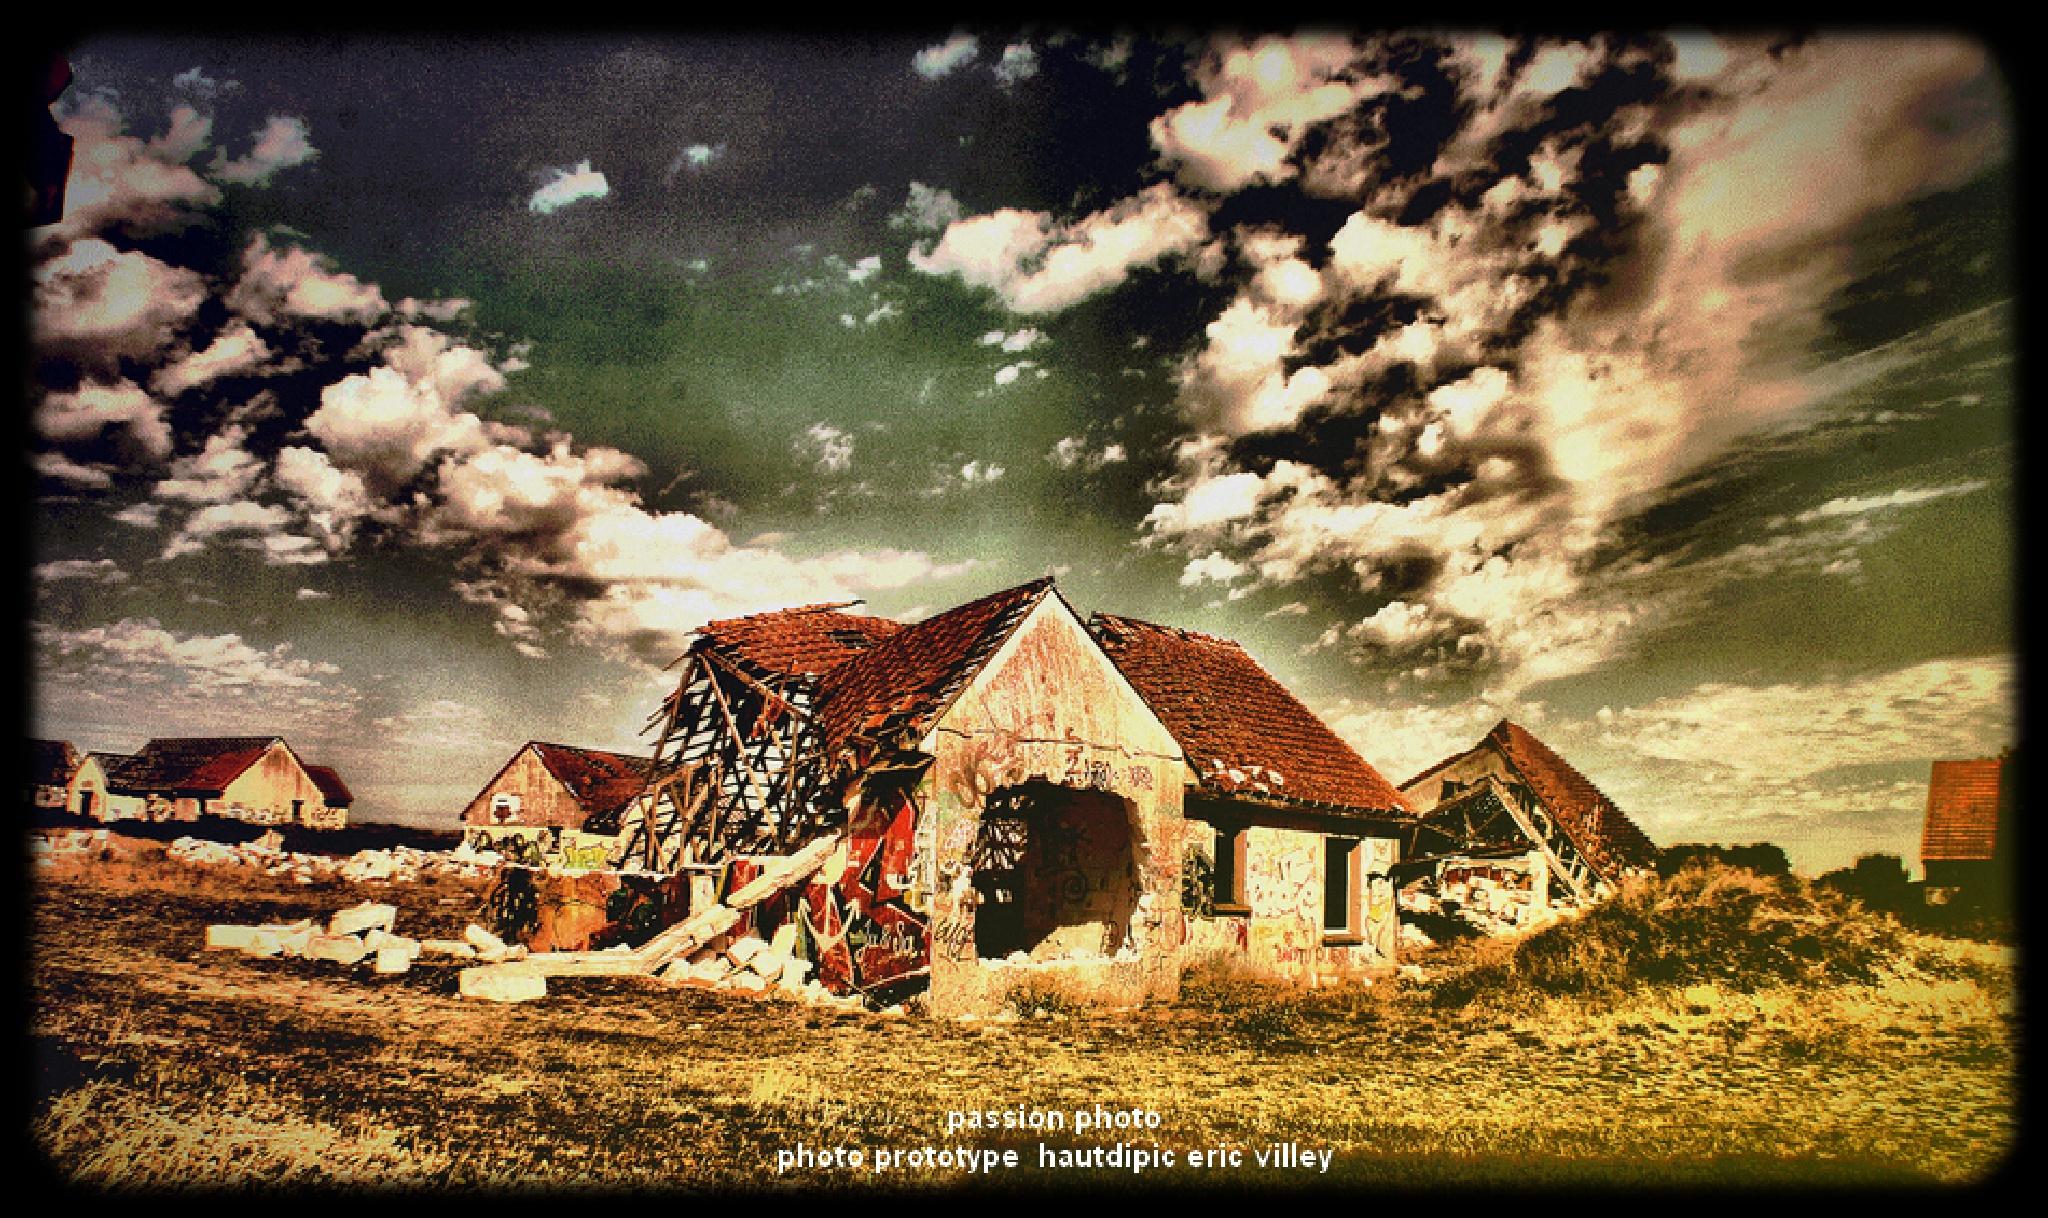 Pirou, le village abandonné...plus jamais ca... by ςɑʀɨиє єт єʀɨς ɑʀтɨsтєs ρɦღтღɢʀɑρɦєs